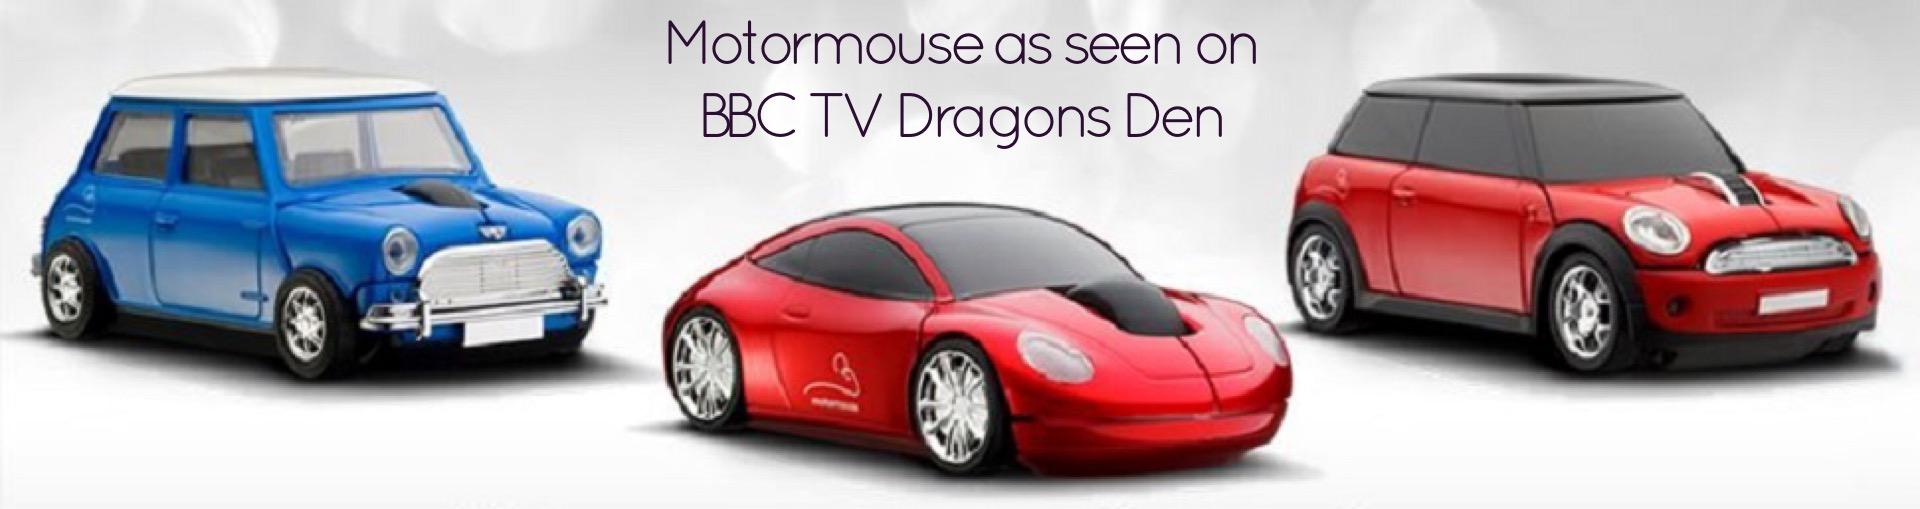 As seen on Dragons Den - Motormouse